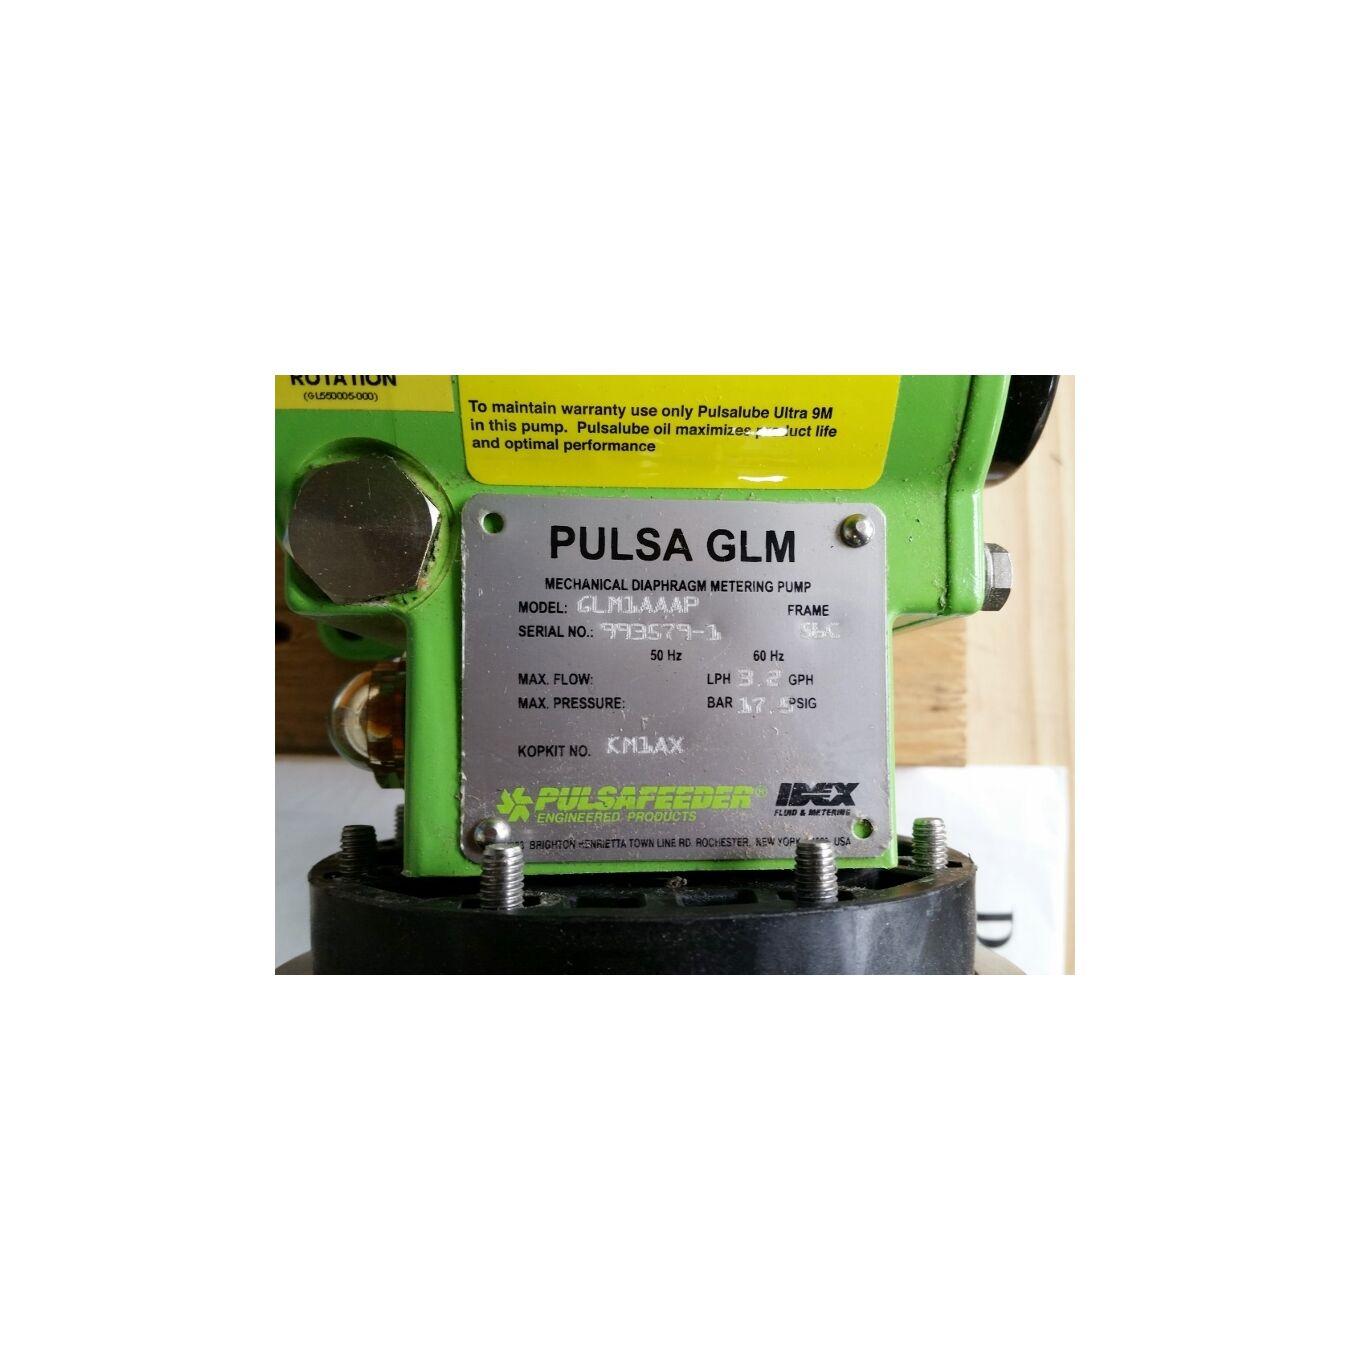 Unused Pulsafeeder Mechanical Diaphragm Metering Pump Pulsa GLM 1AAAP